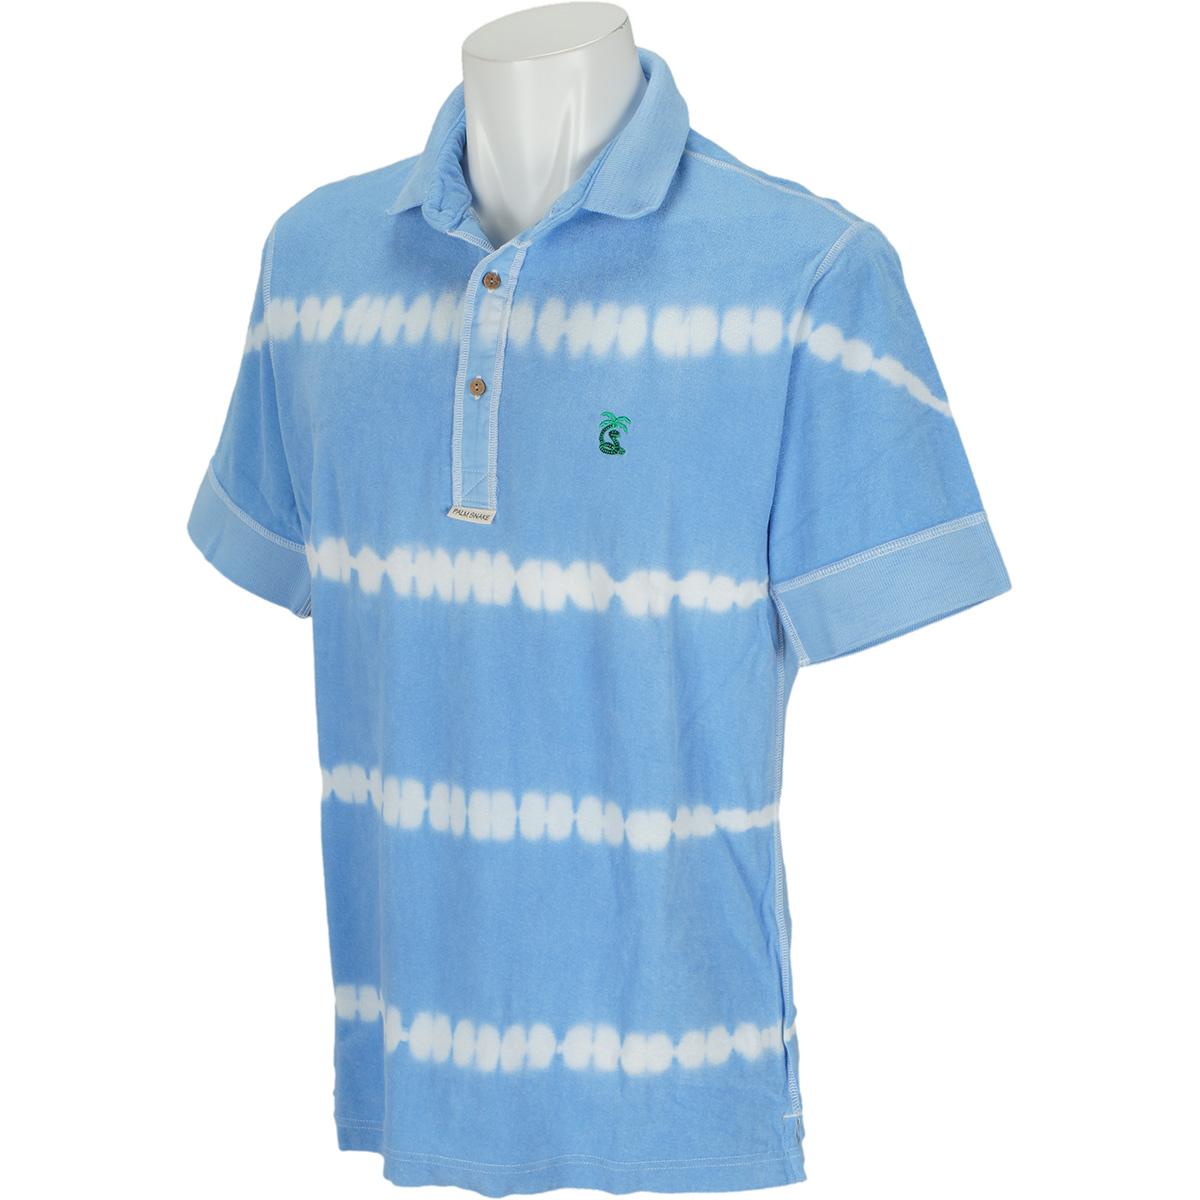 有松絞 ミニパイルヘンリー半袖ポロシャツ